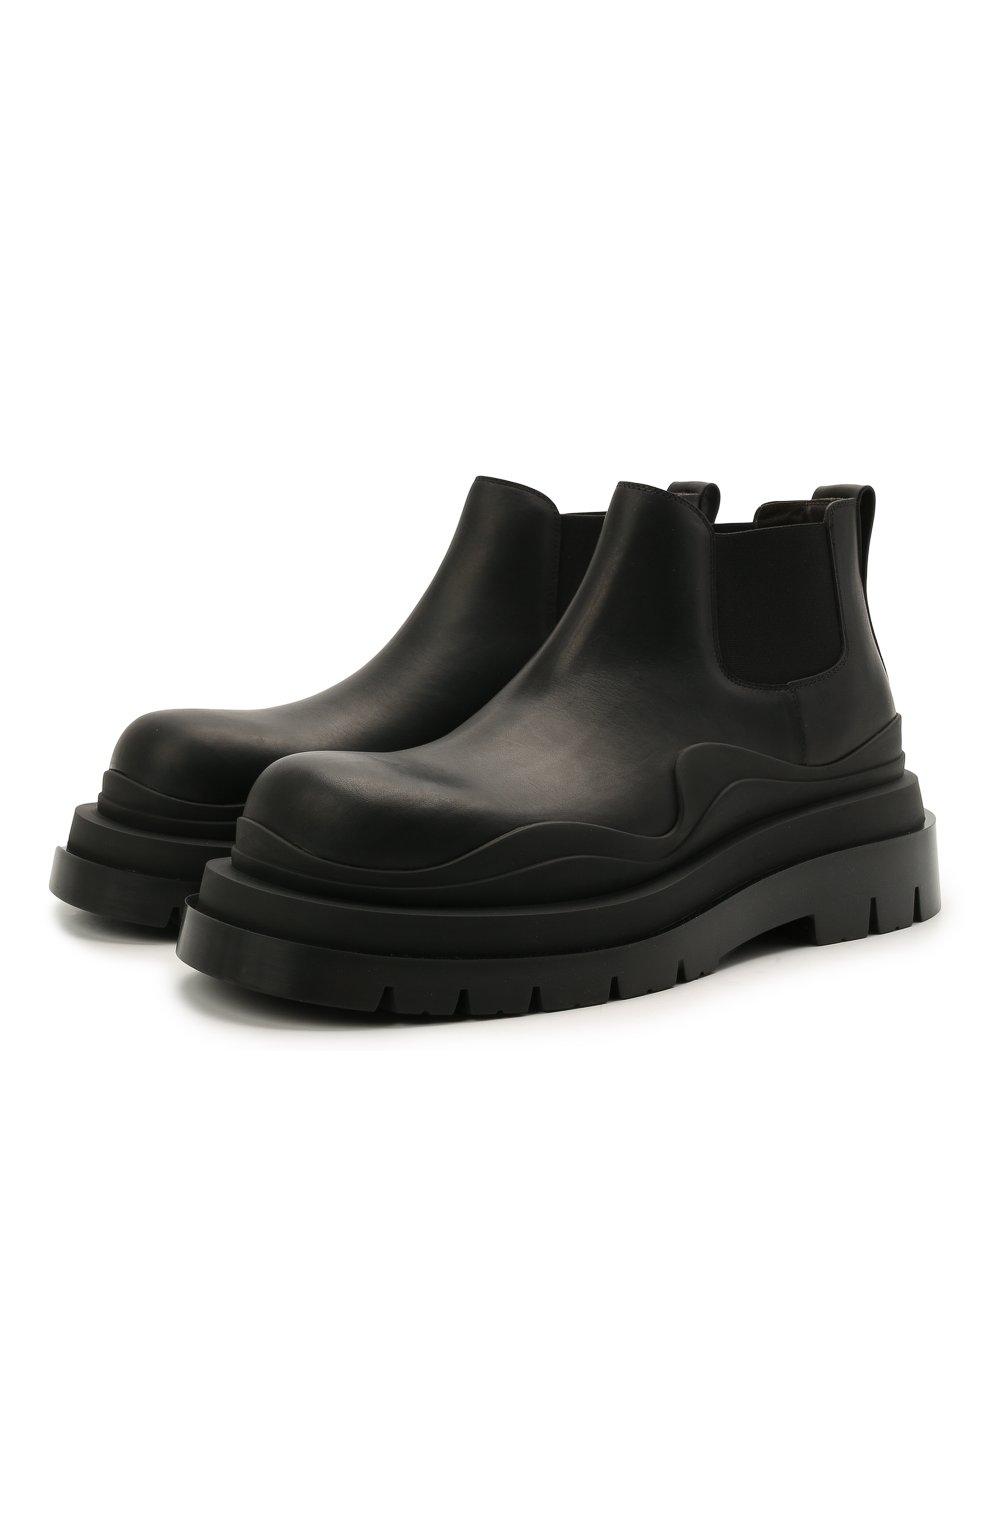 Мужские кожаные челси tire BOTTEGA VENETA черного цвета, арт. 630281/VBS50   Фото 1 (Каблук высота: Высокий; Материал внутренний: Натуральная кожа; Подошва: Массивная; Мужское Кросс-КТ: Сапоги-обувь, Челси-обувь)